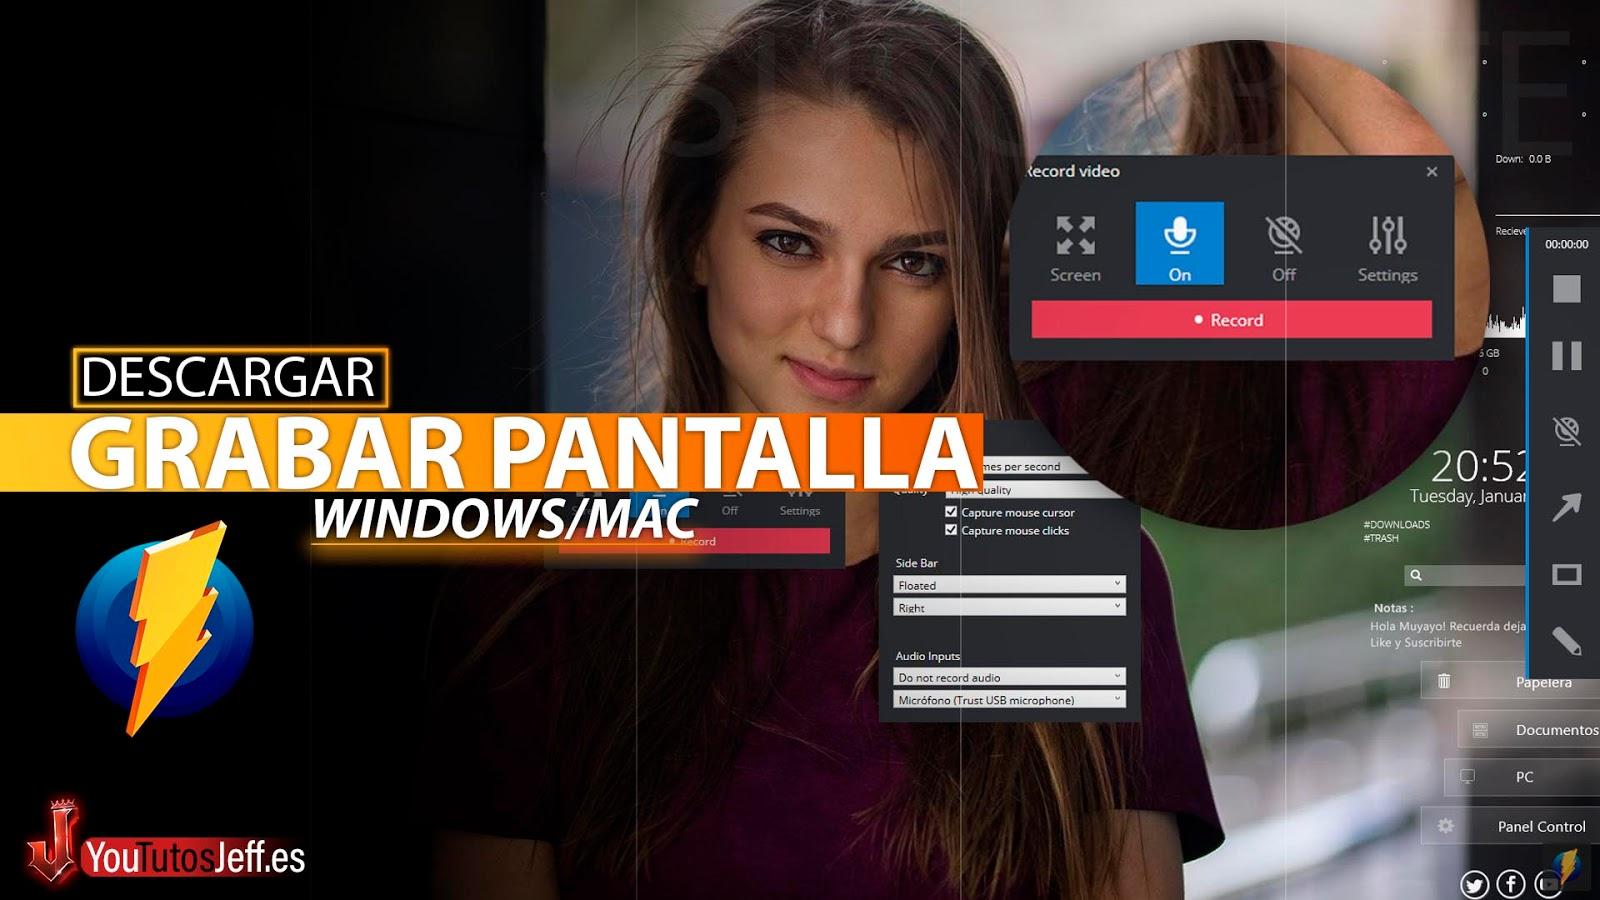 Grabar Pantalla de mi PC SIN LAG Y SIN MARCA DE AGUA, Descargar Monosnap Ultima Versión